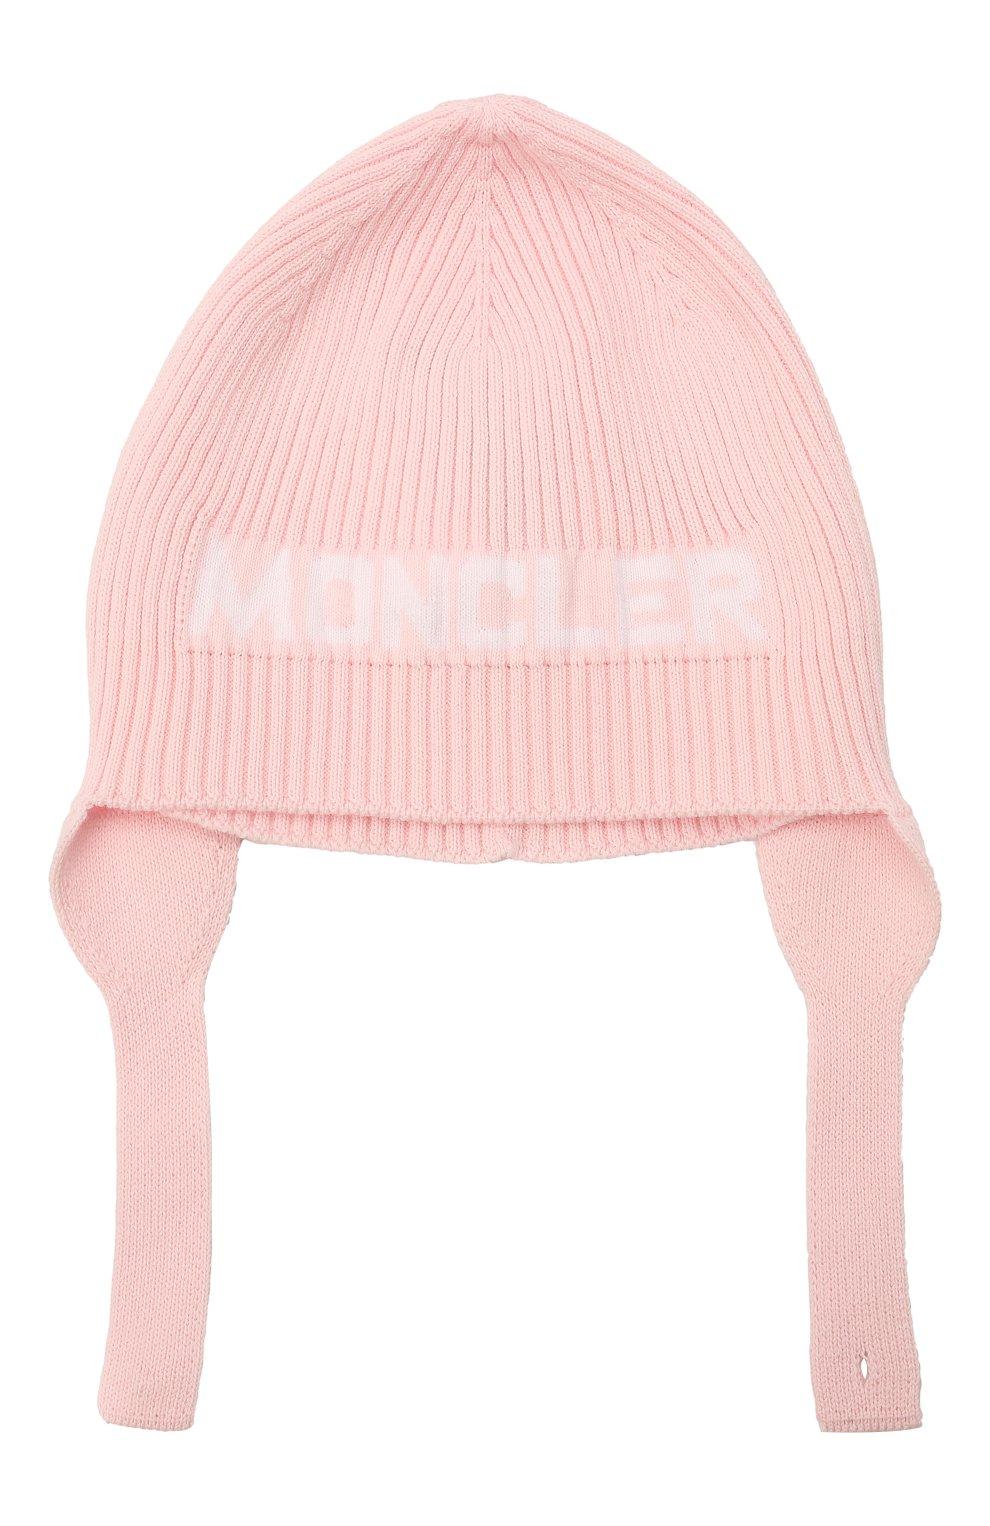 Детского хлопковая шапка MONCLER розового цвета, арт. G2-951-9Z714-00-V9217 | Фото 1 (Материал: Текстиль, Хлопок)